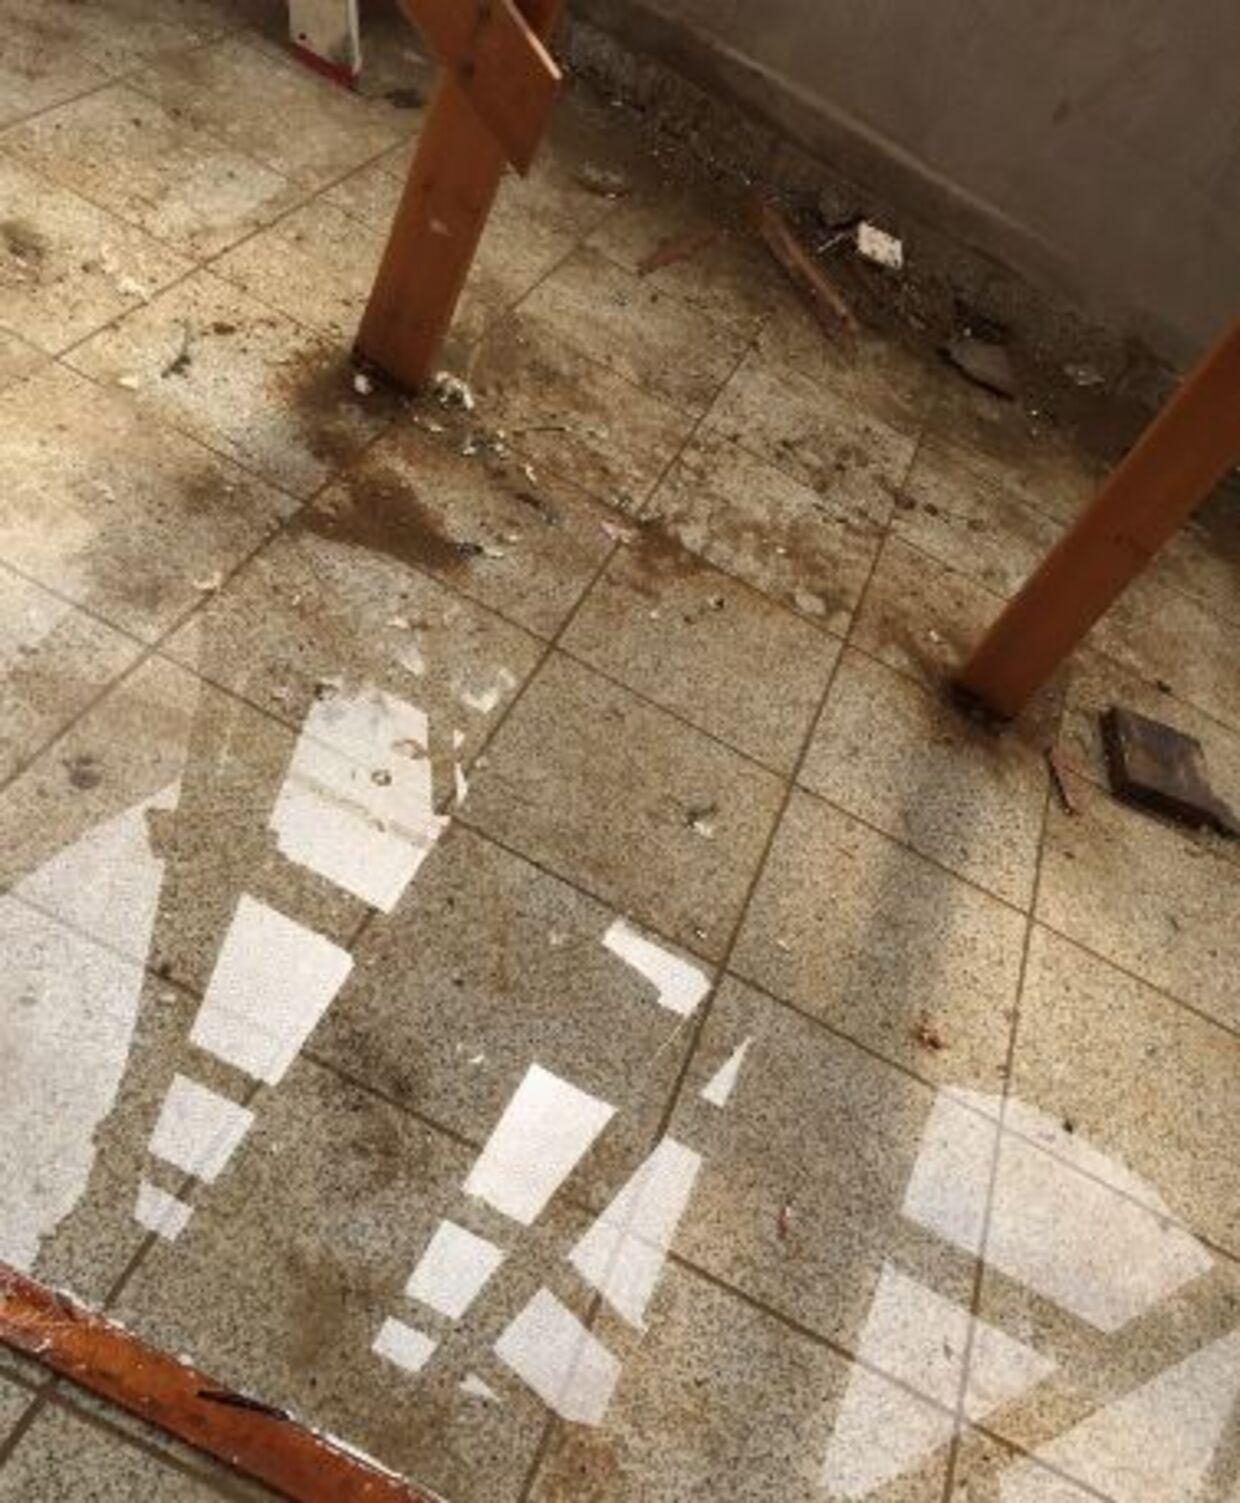 Manglende afdækning betød, at der gentagne gange trængte vand ind i kælderen.